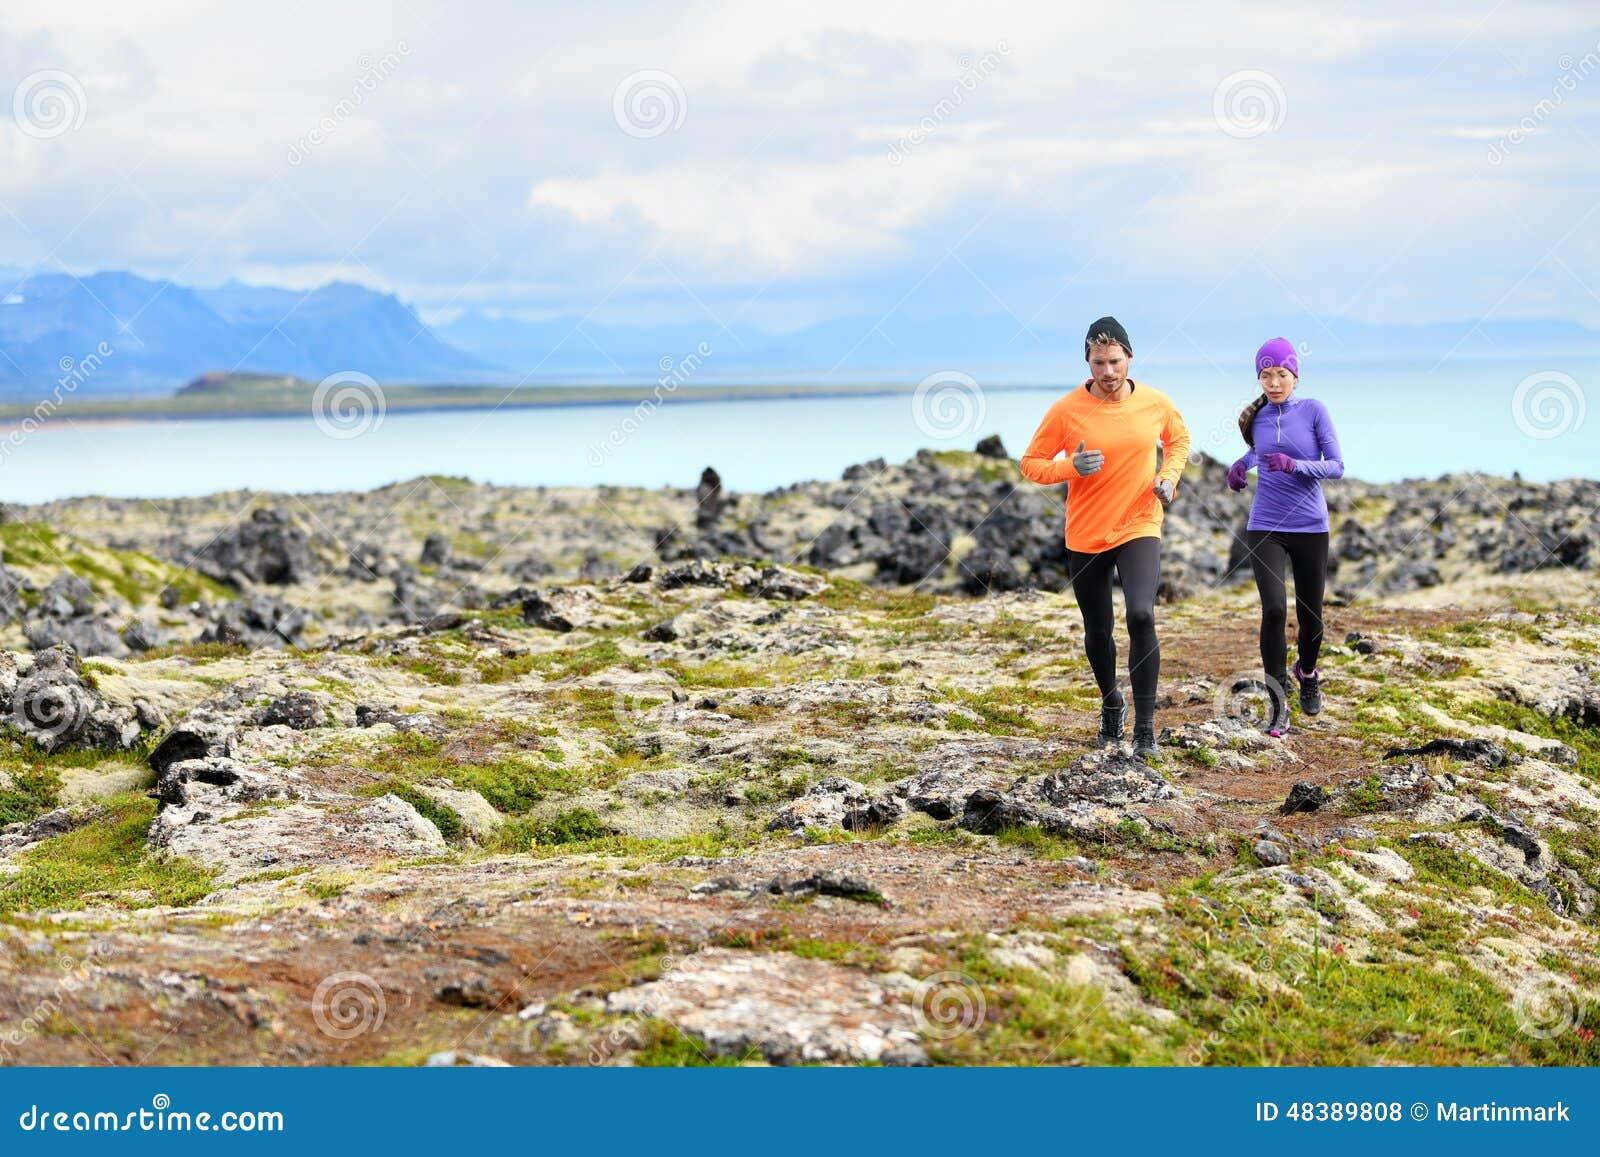 Laufender Sport der Übung - Läufer auf Cross Country